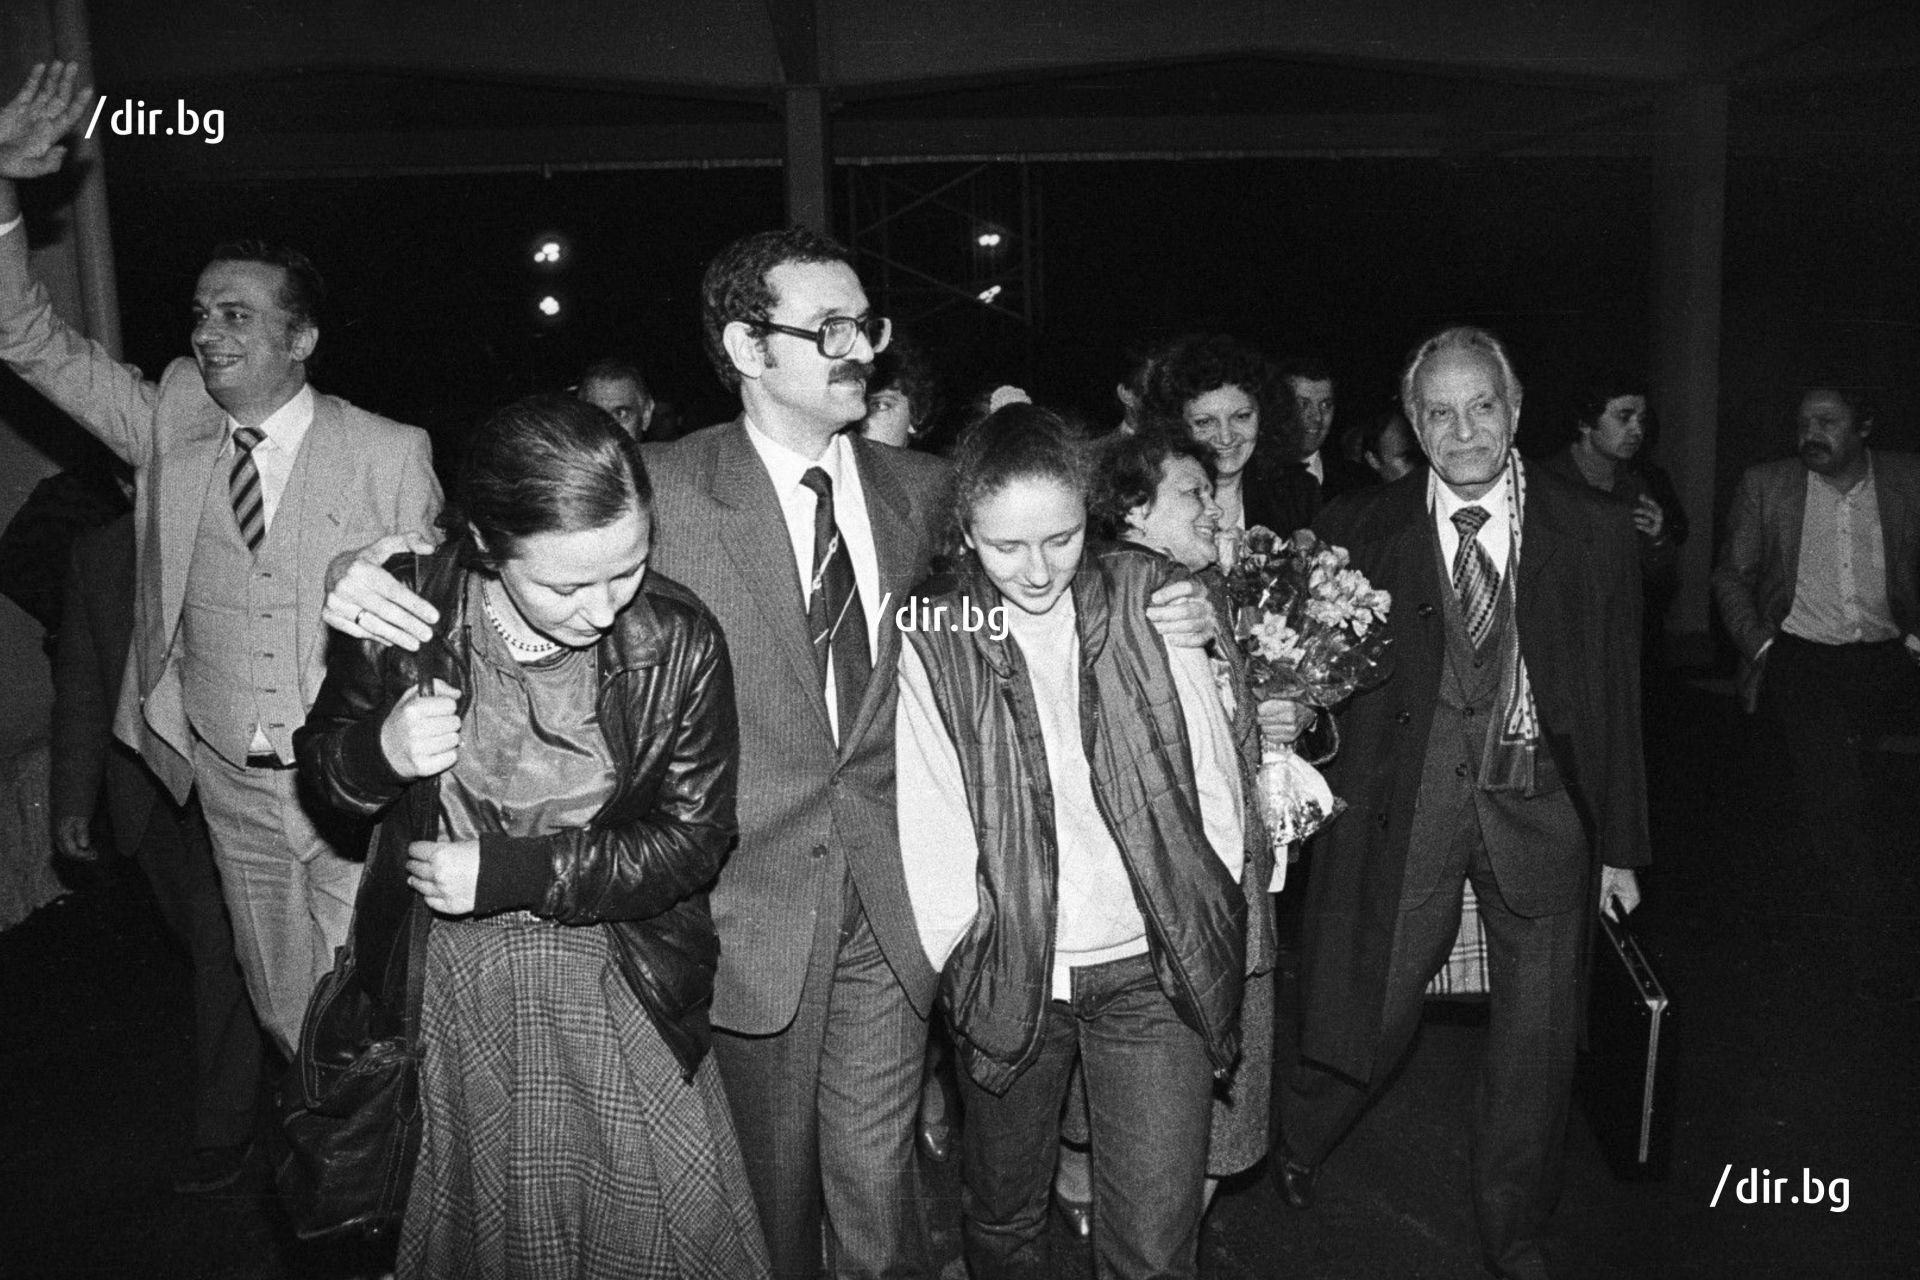 Сергей Антонов се завръща в България през 1986 г., посрещнат от съпругата и дъщеря си.